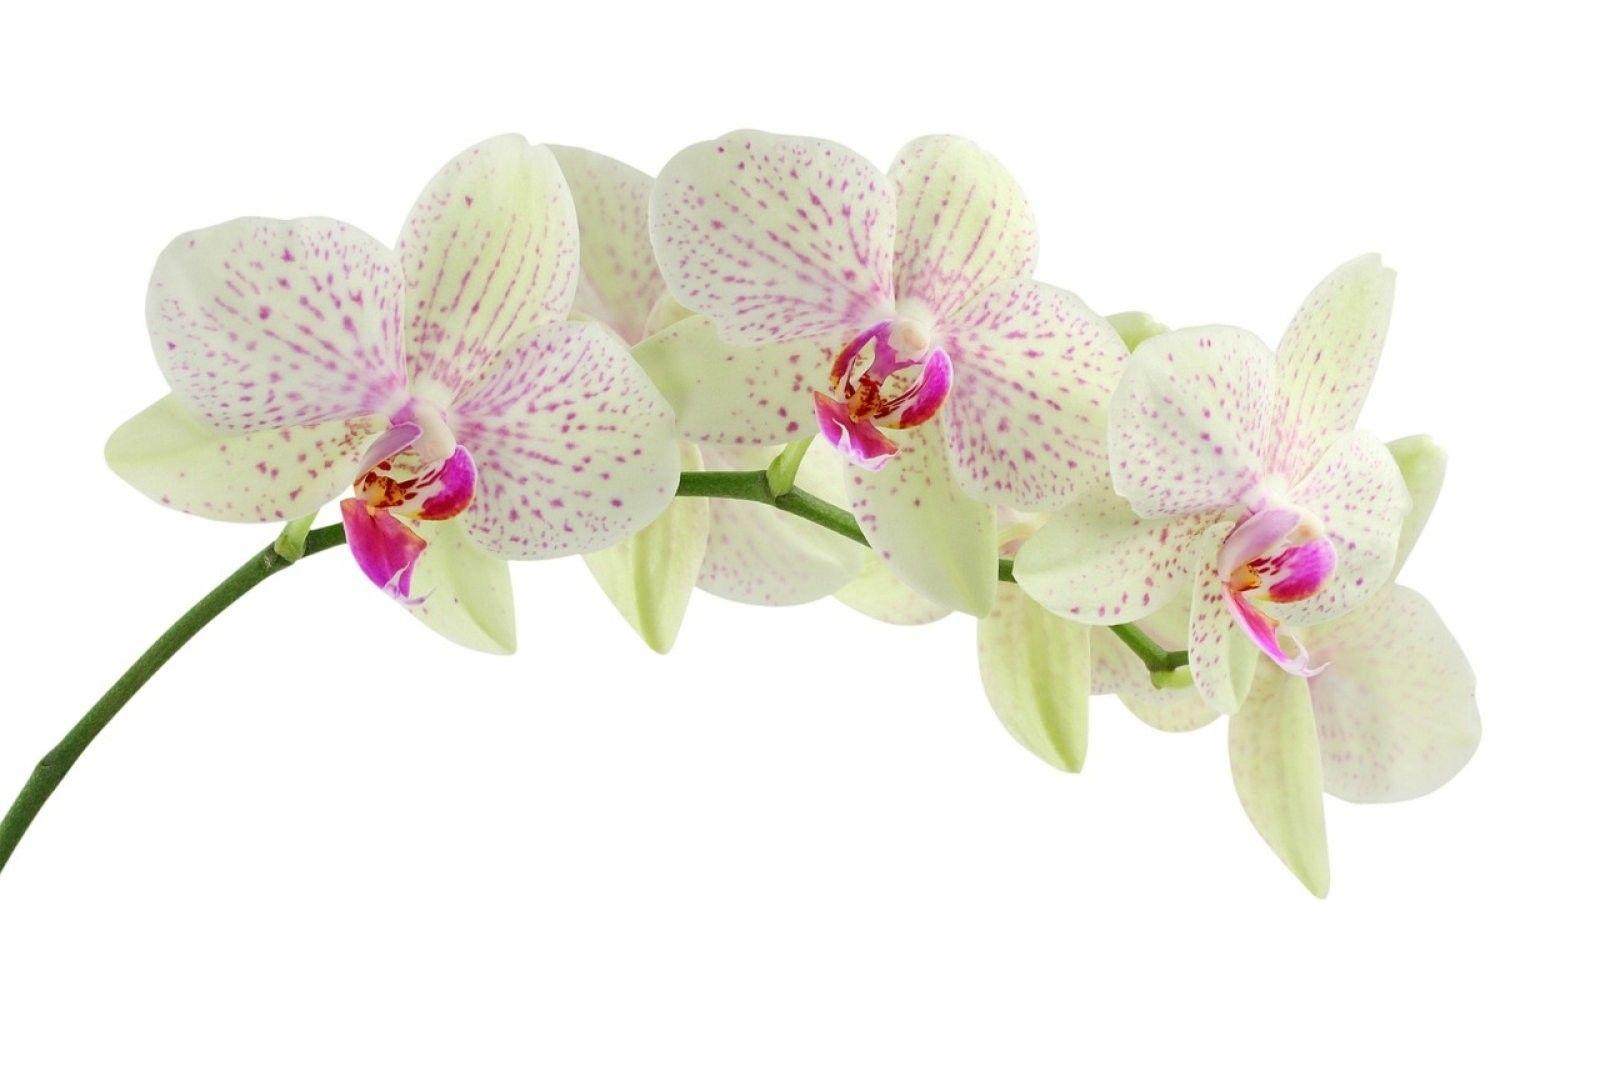 La Orquídea Es La Flor Más Bella Del Mundo O No Las Flores Mas Hermosas Flores Orquideas Las Flores Mas Bellas